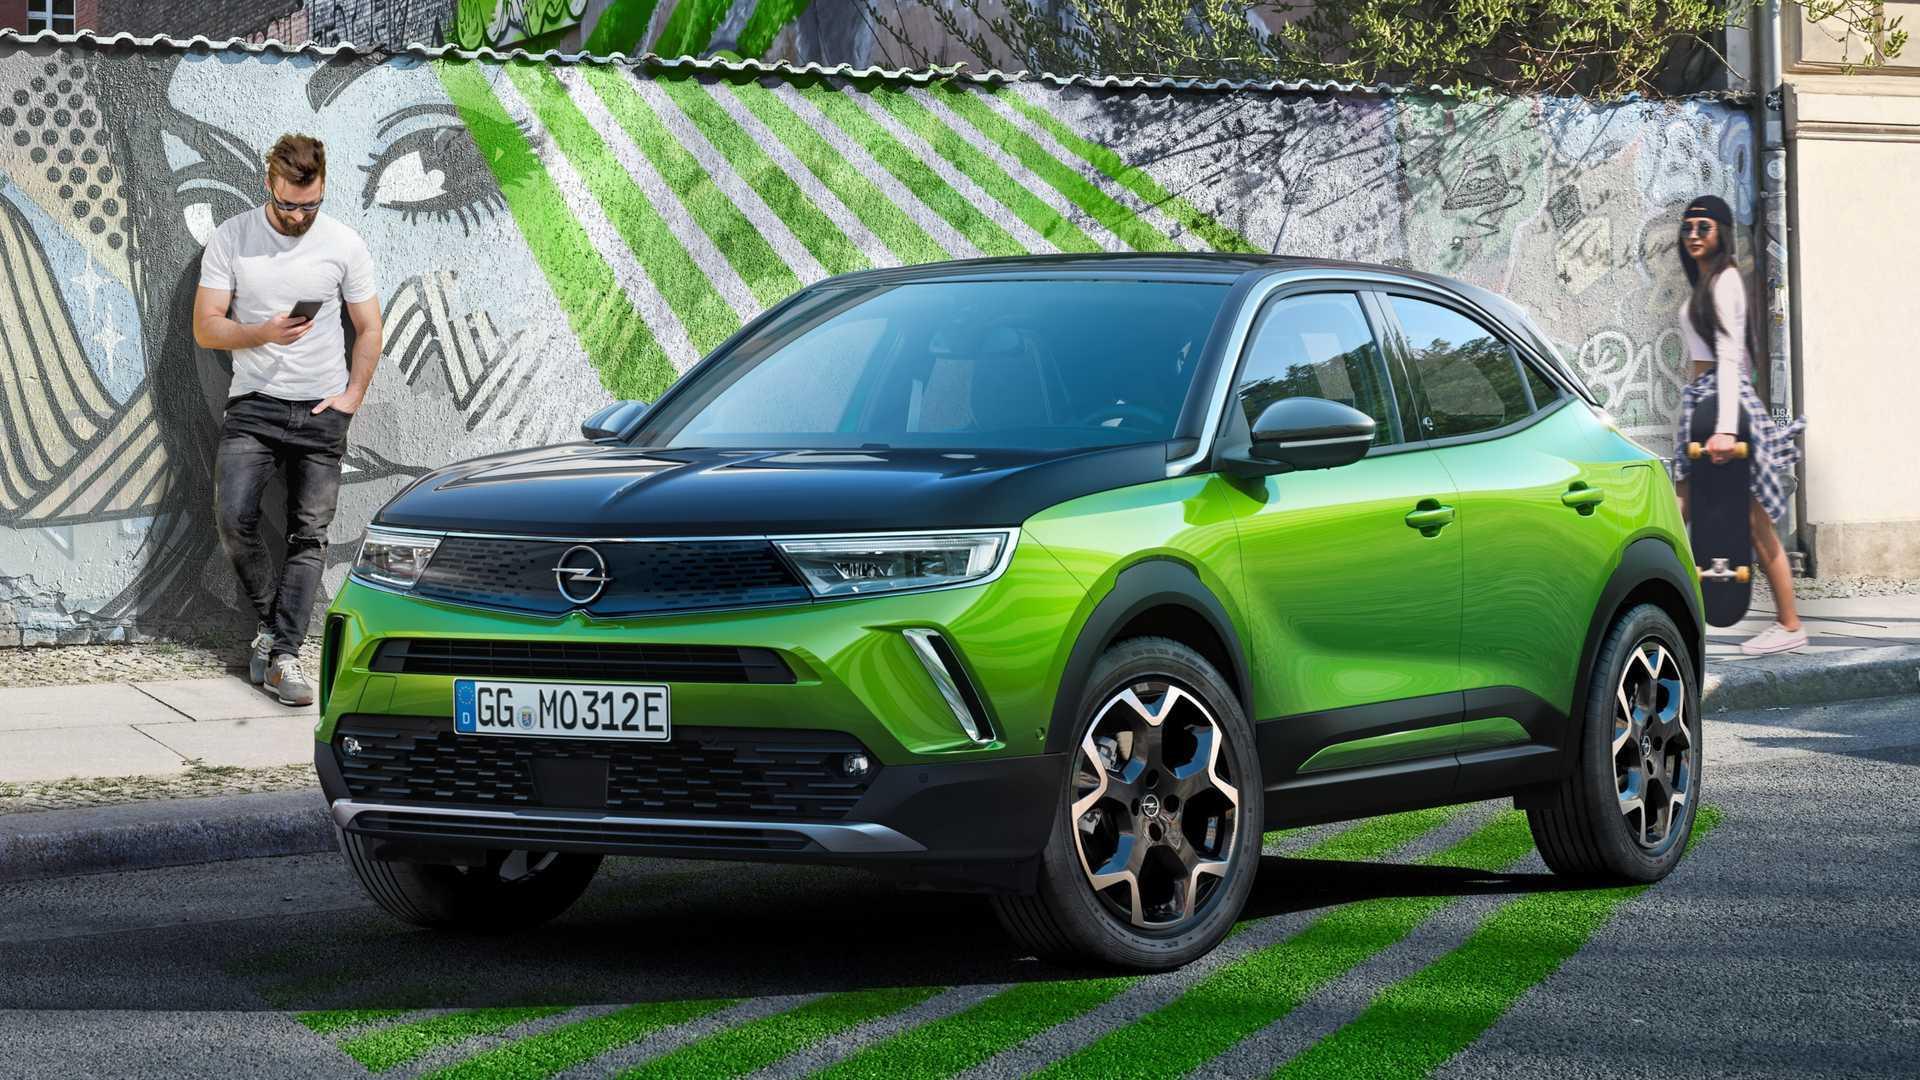 Opel Presenta Su Totalmente Nuevo Mokka Cambiando Radicalmente Su Concepto Rutamotor